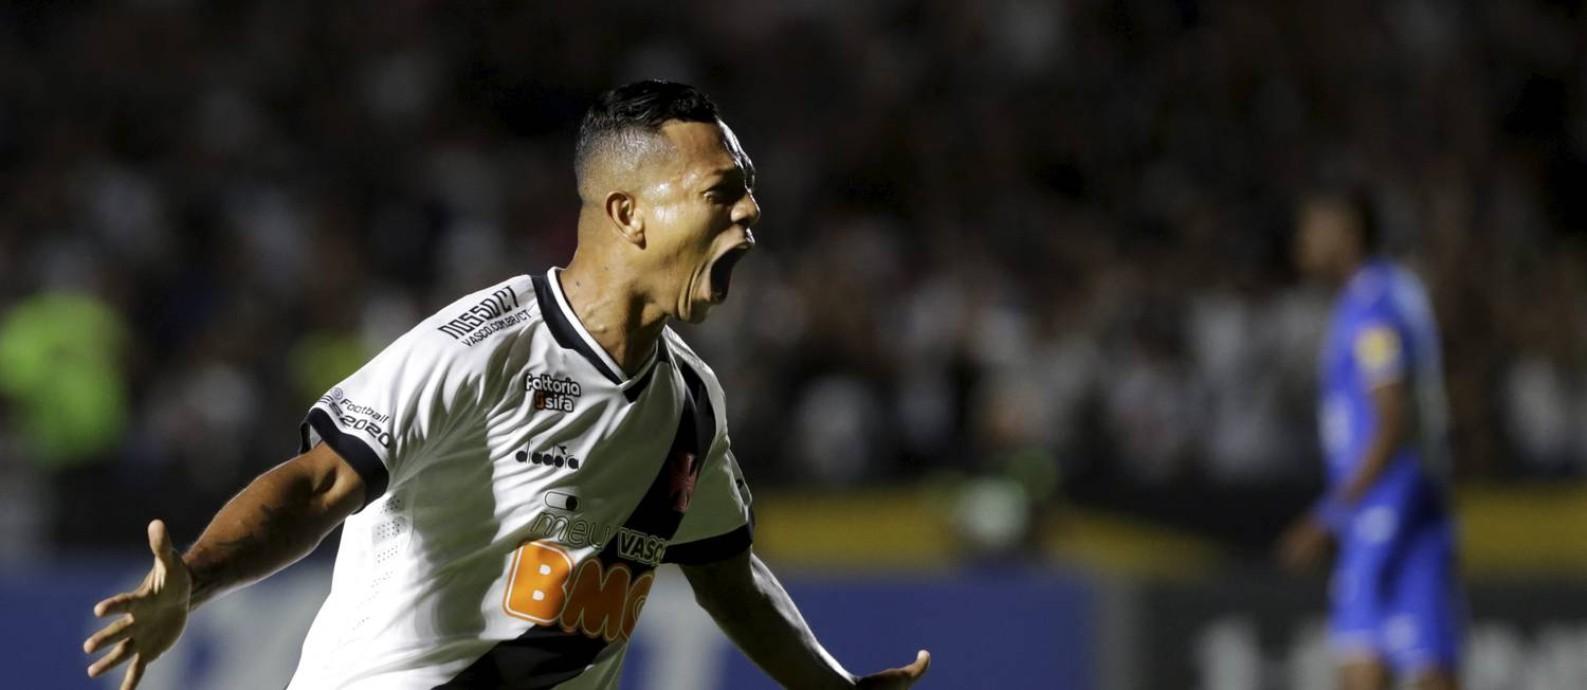 Guarín comemora o gol que abriu o placar para o Vasco diante do Cruzeiro Foto: MARCELO THEOBALD / Agência O Globo